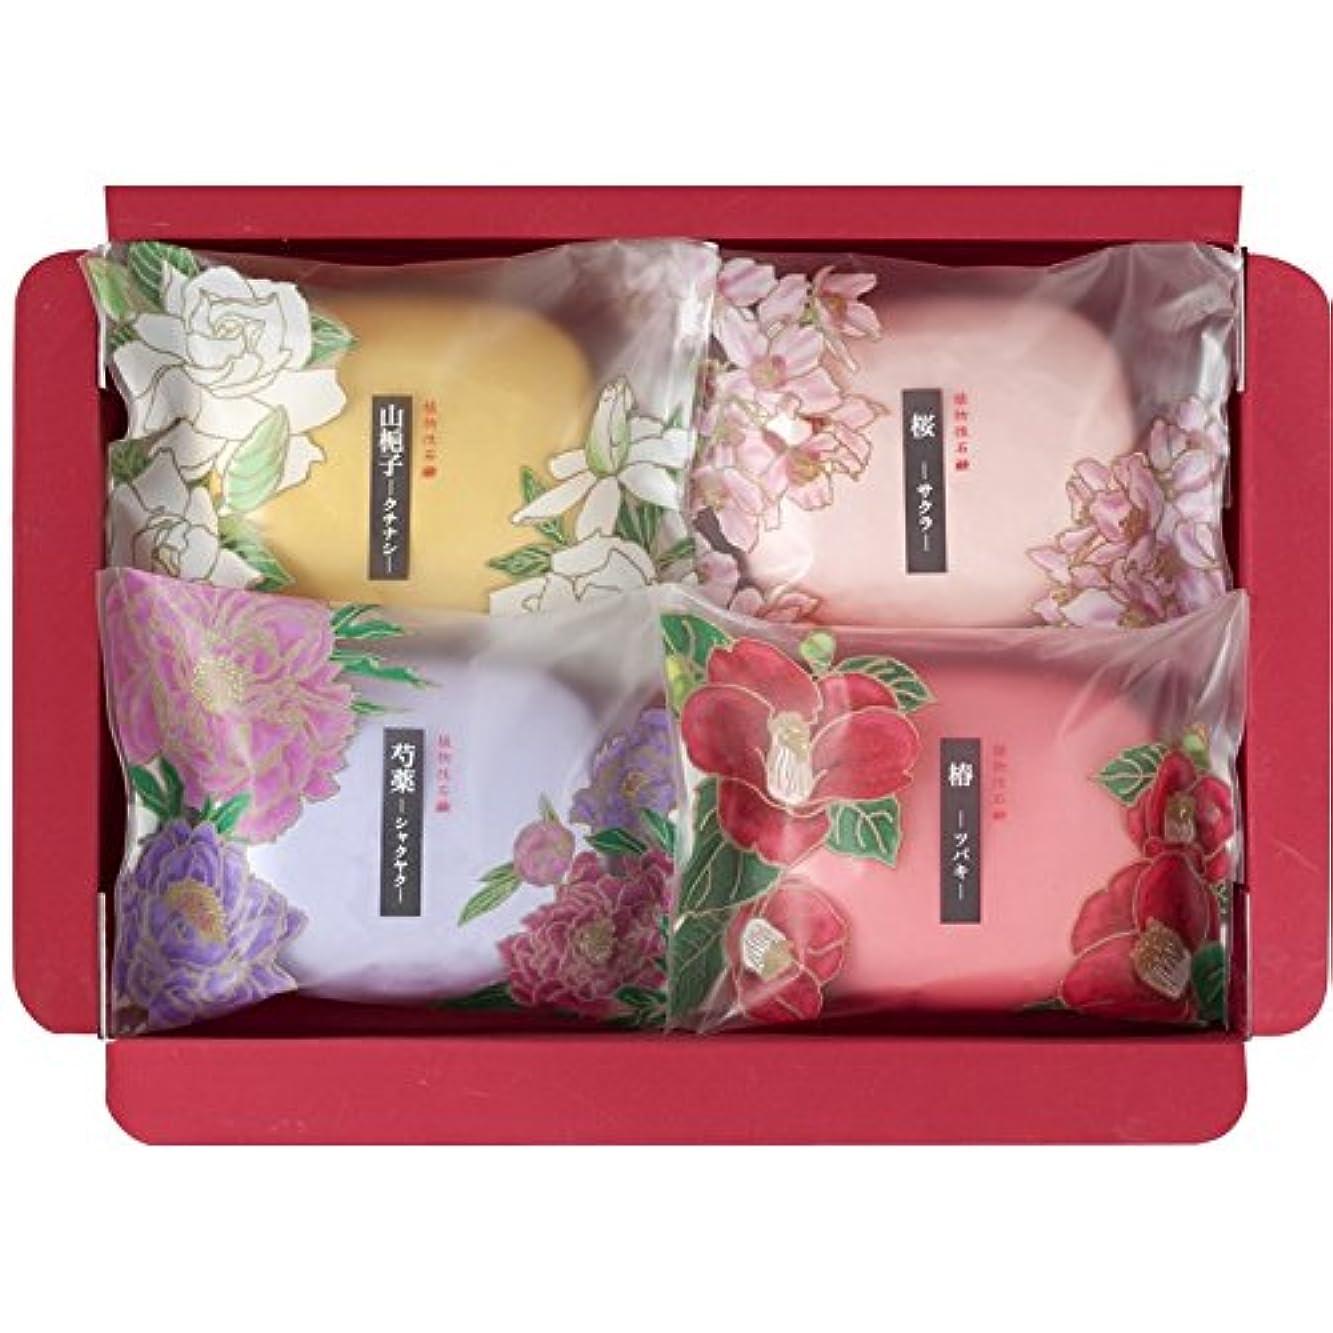 トリッキー高度自信がある彩花だより 【固形 ギフト せっけん あわ いい香り いい匂い うるおい プレゼント お風呂 かおり からだ きれい つめあわせ 日本製 国産 500】